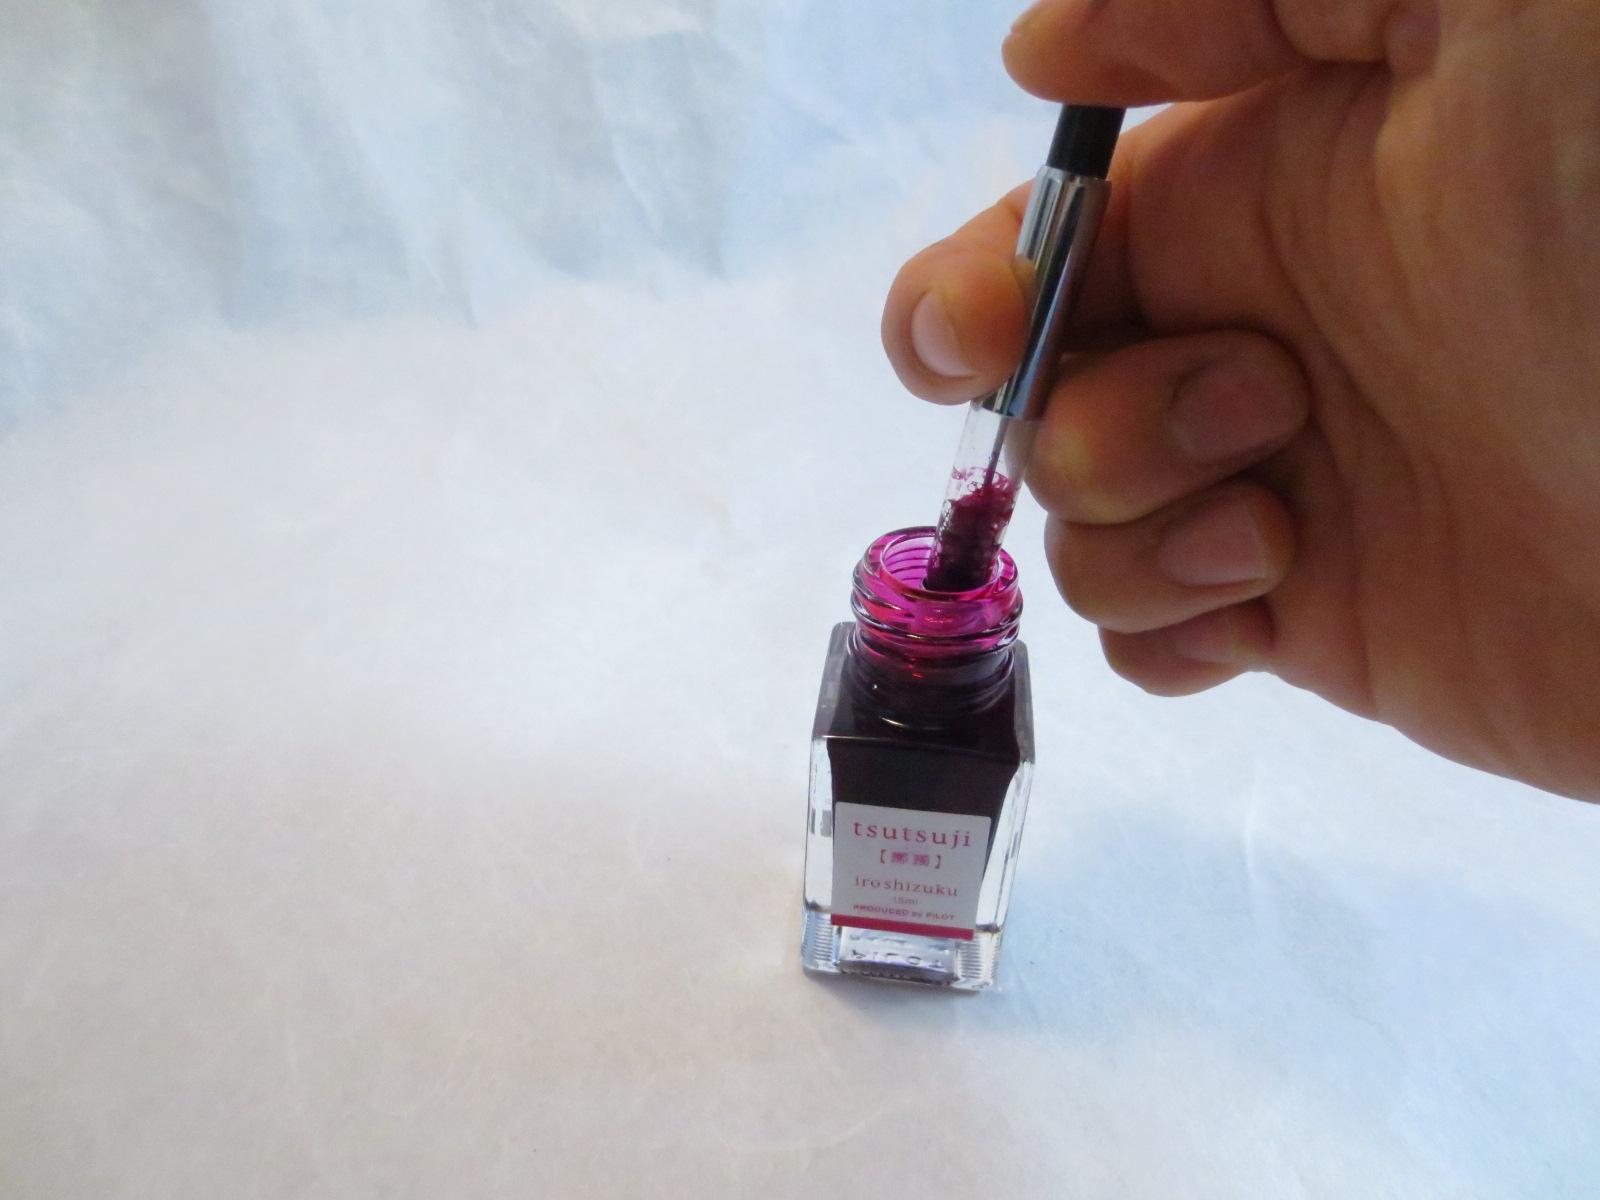 カートリッジ式と吸入式・コンバーター式。種類別万年筆のインク吸入のしかた